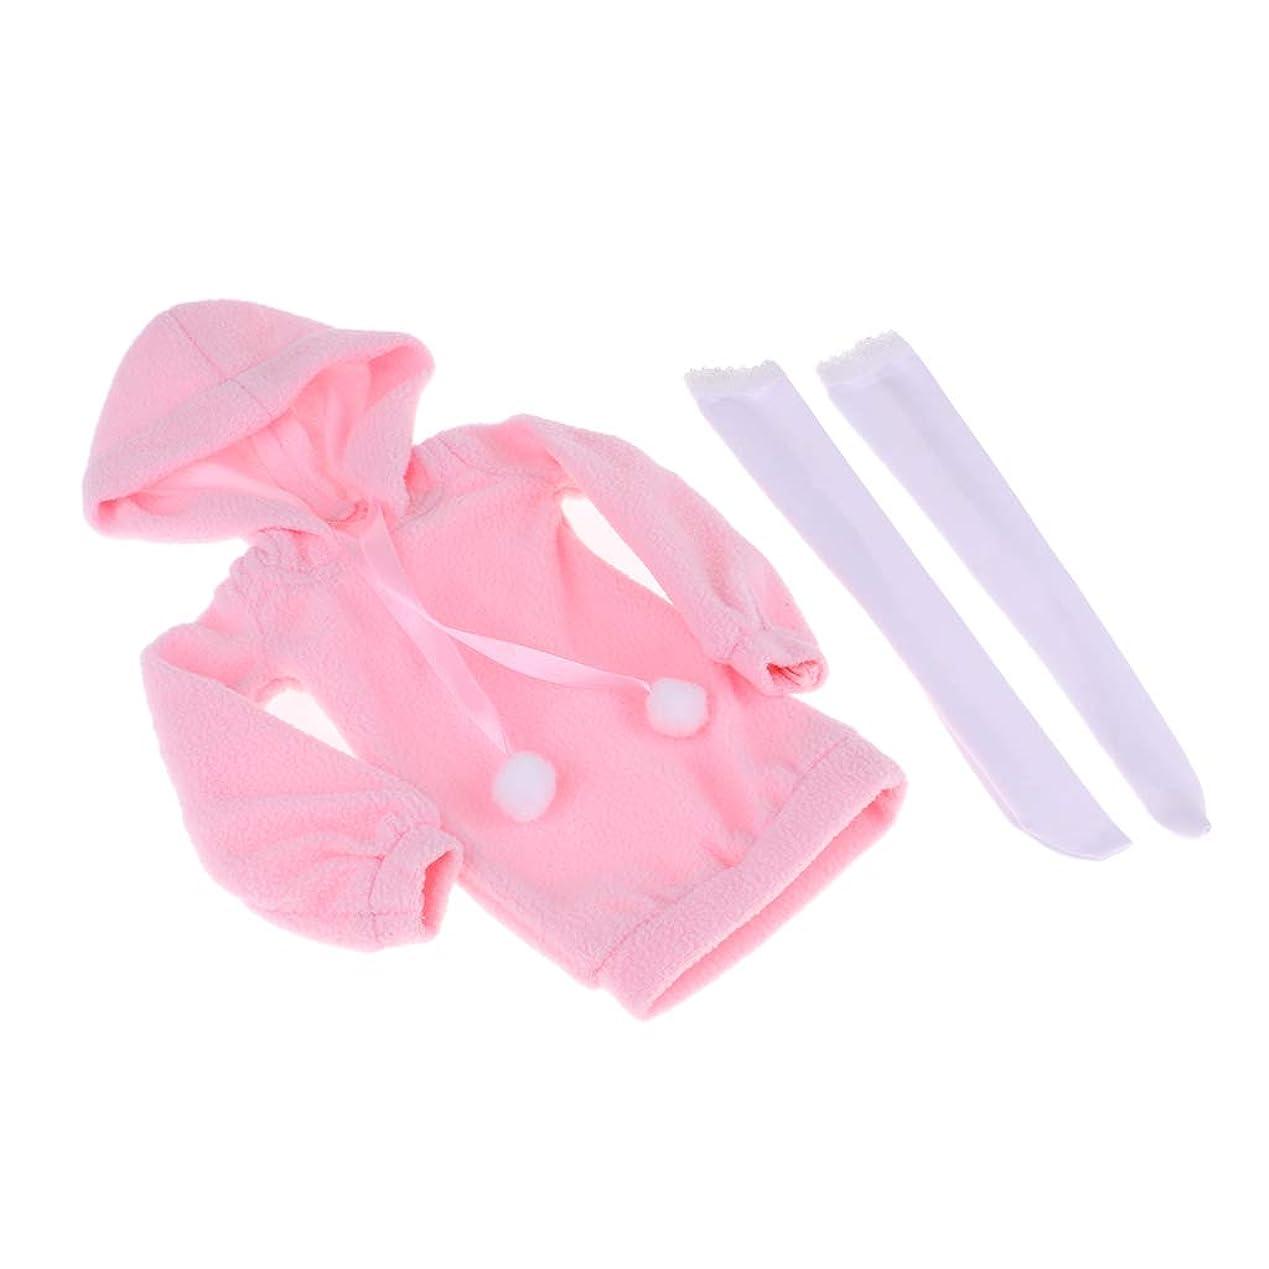 タイムリーな見つけた変わる2色選ぶ 人形ドレス 布製 パーカートップ ストッキング 服スーツ 1/3スケール BJD人形用 - ピンク